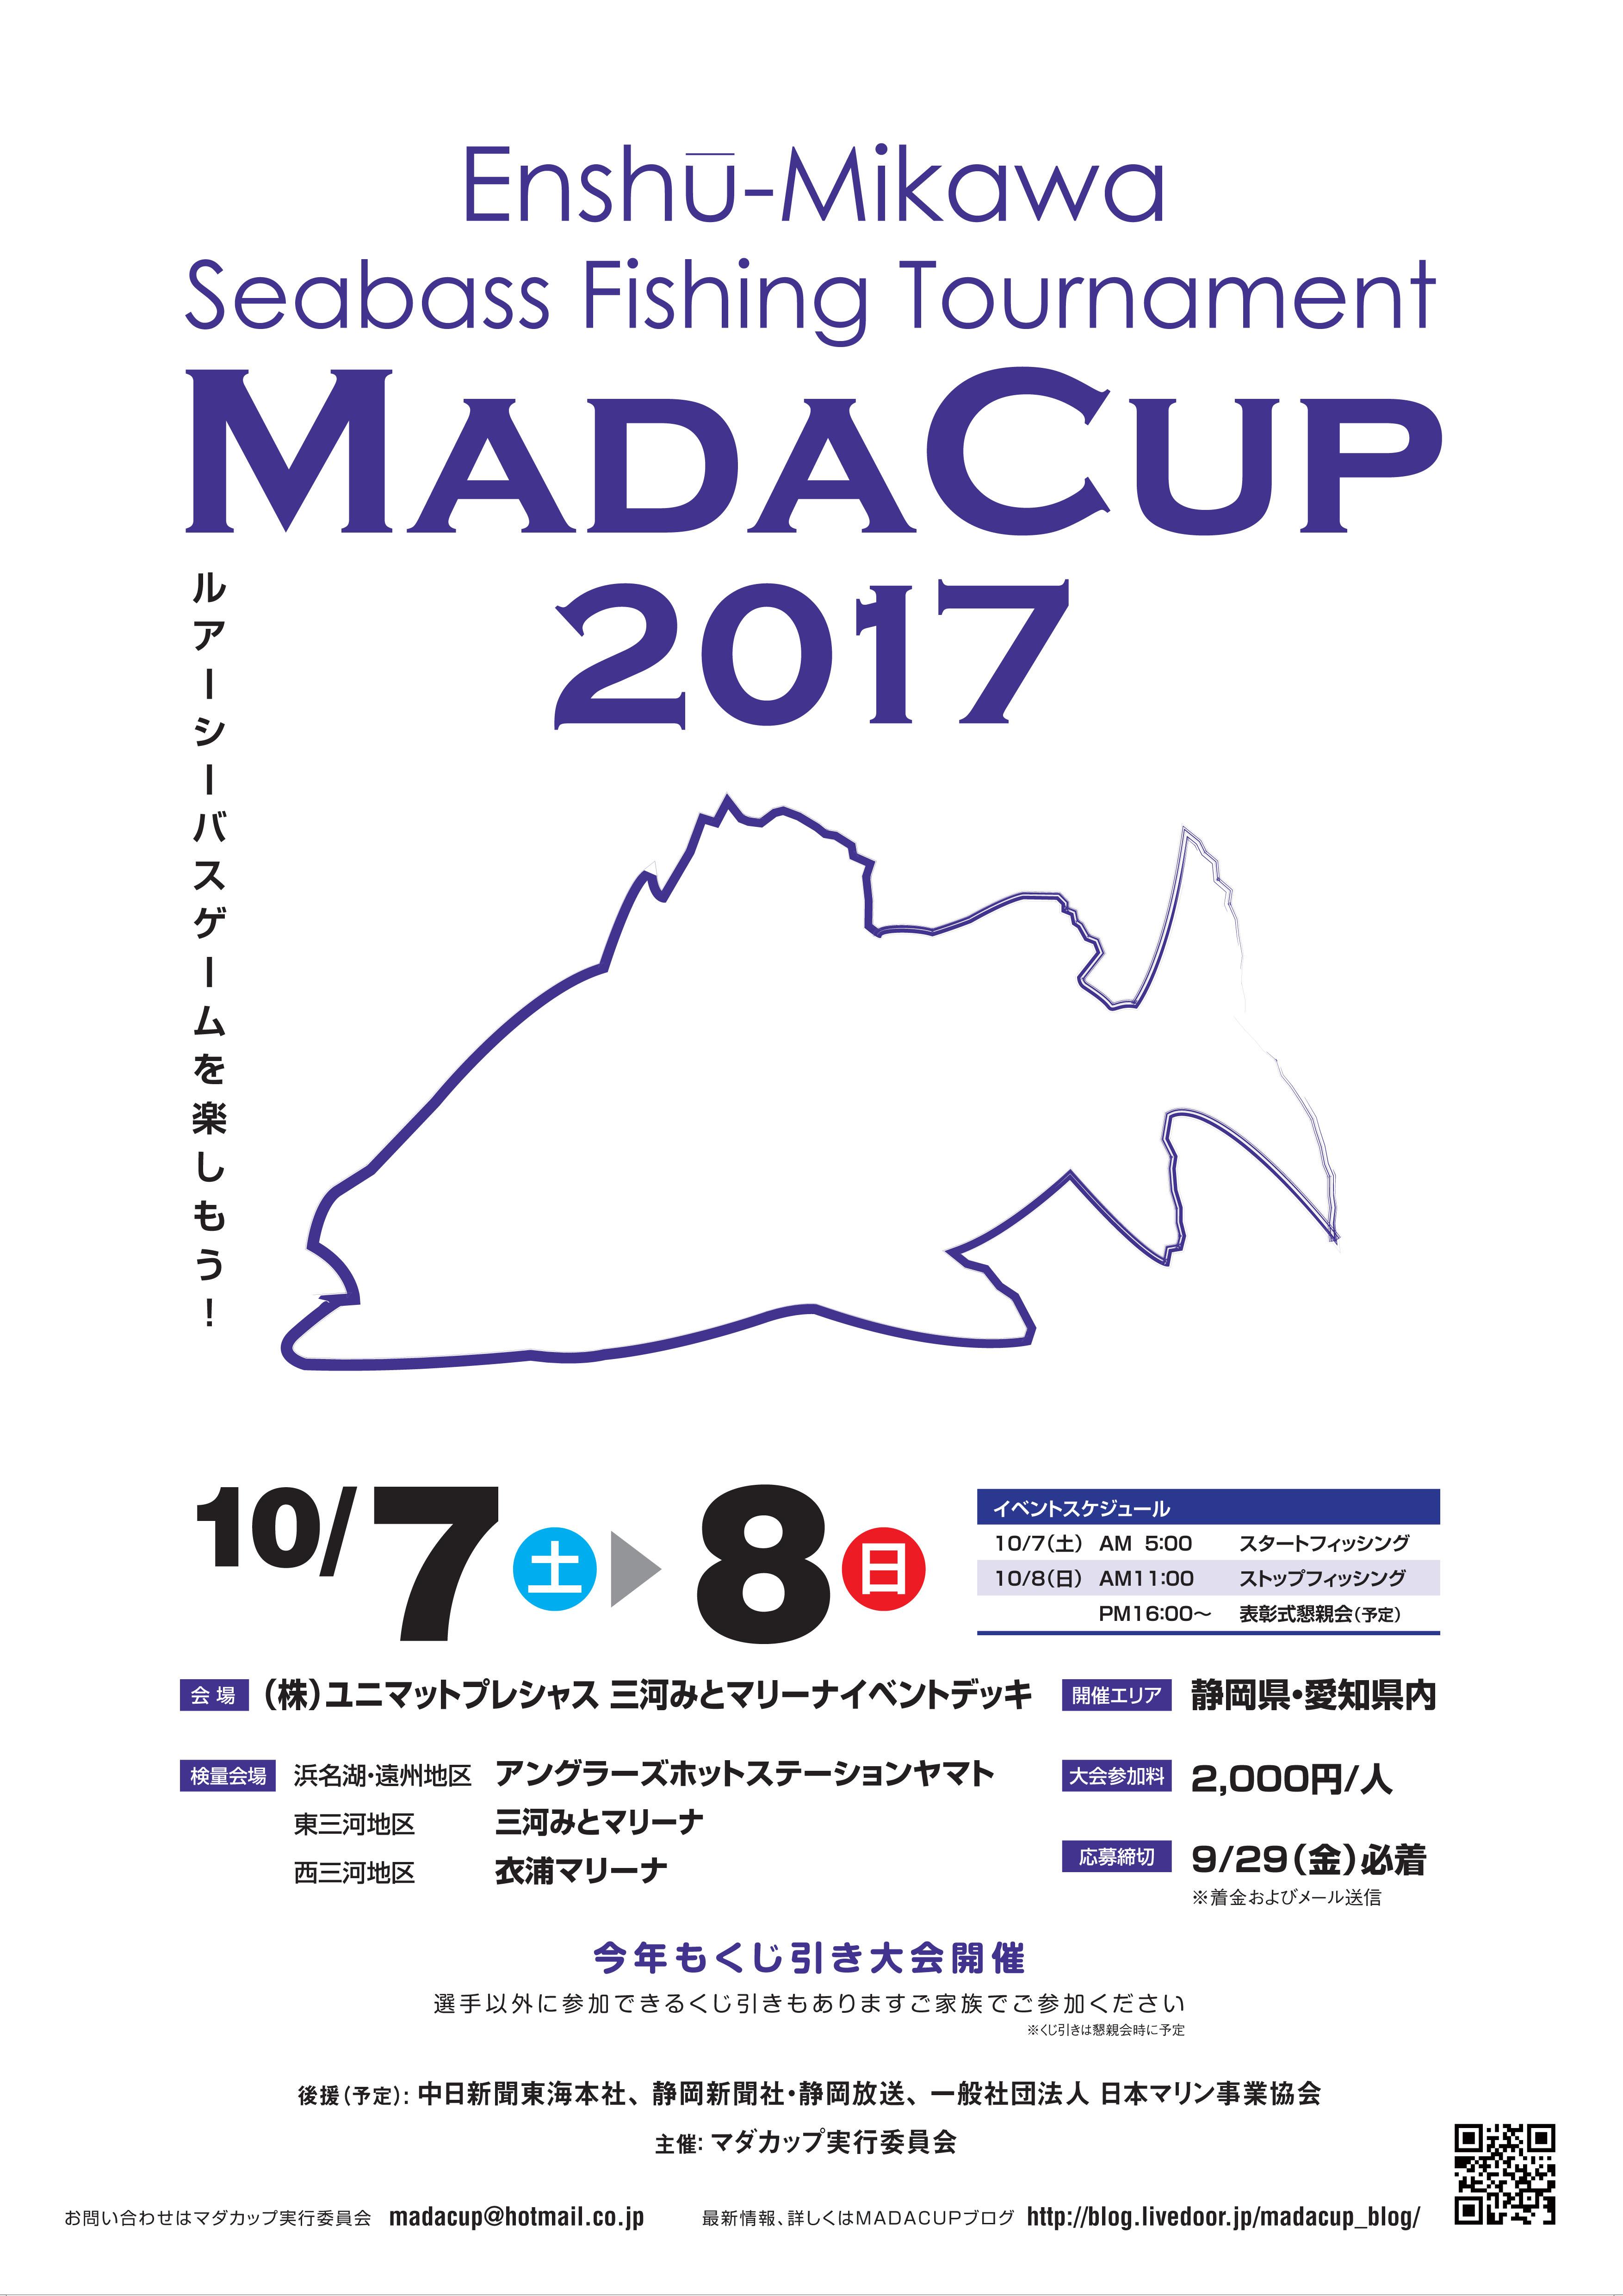 マダカップ2017締切日について